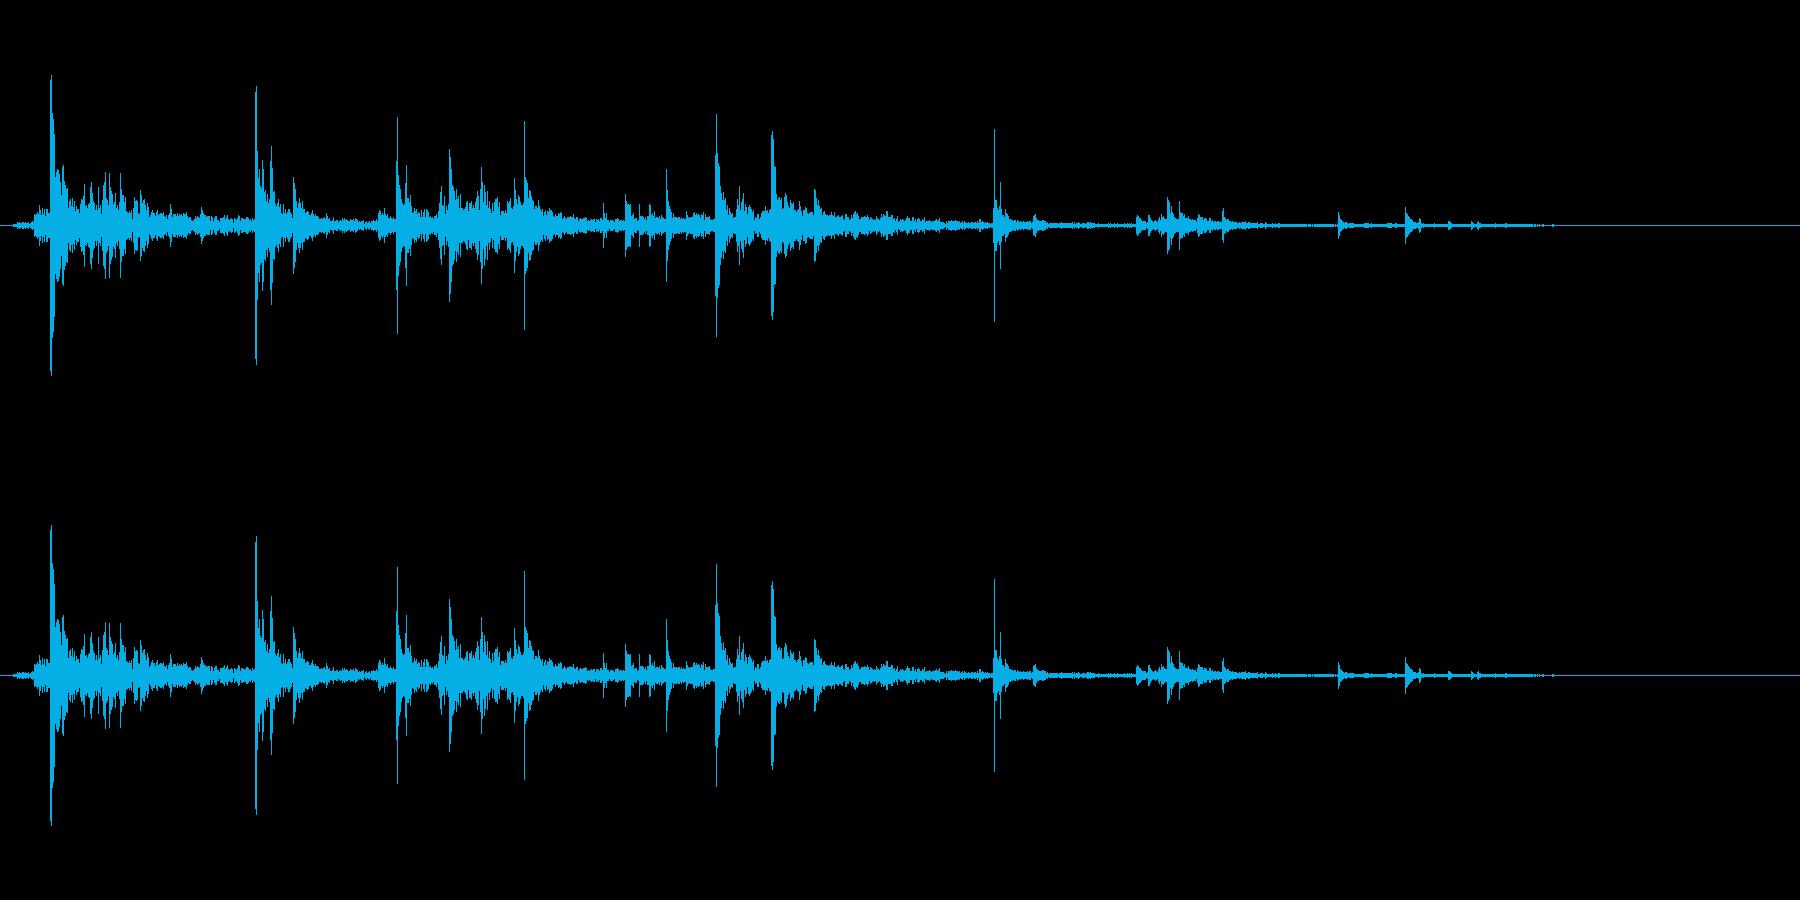 古びた歯車が回る音(ガラガラガラガラ)の再生済みの波形